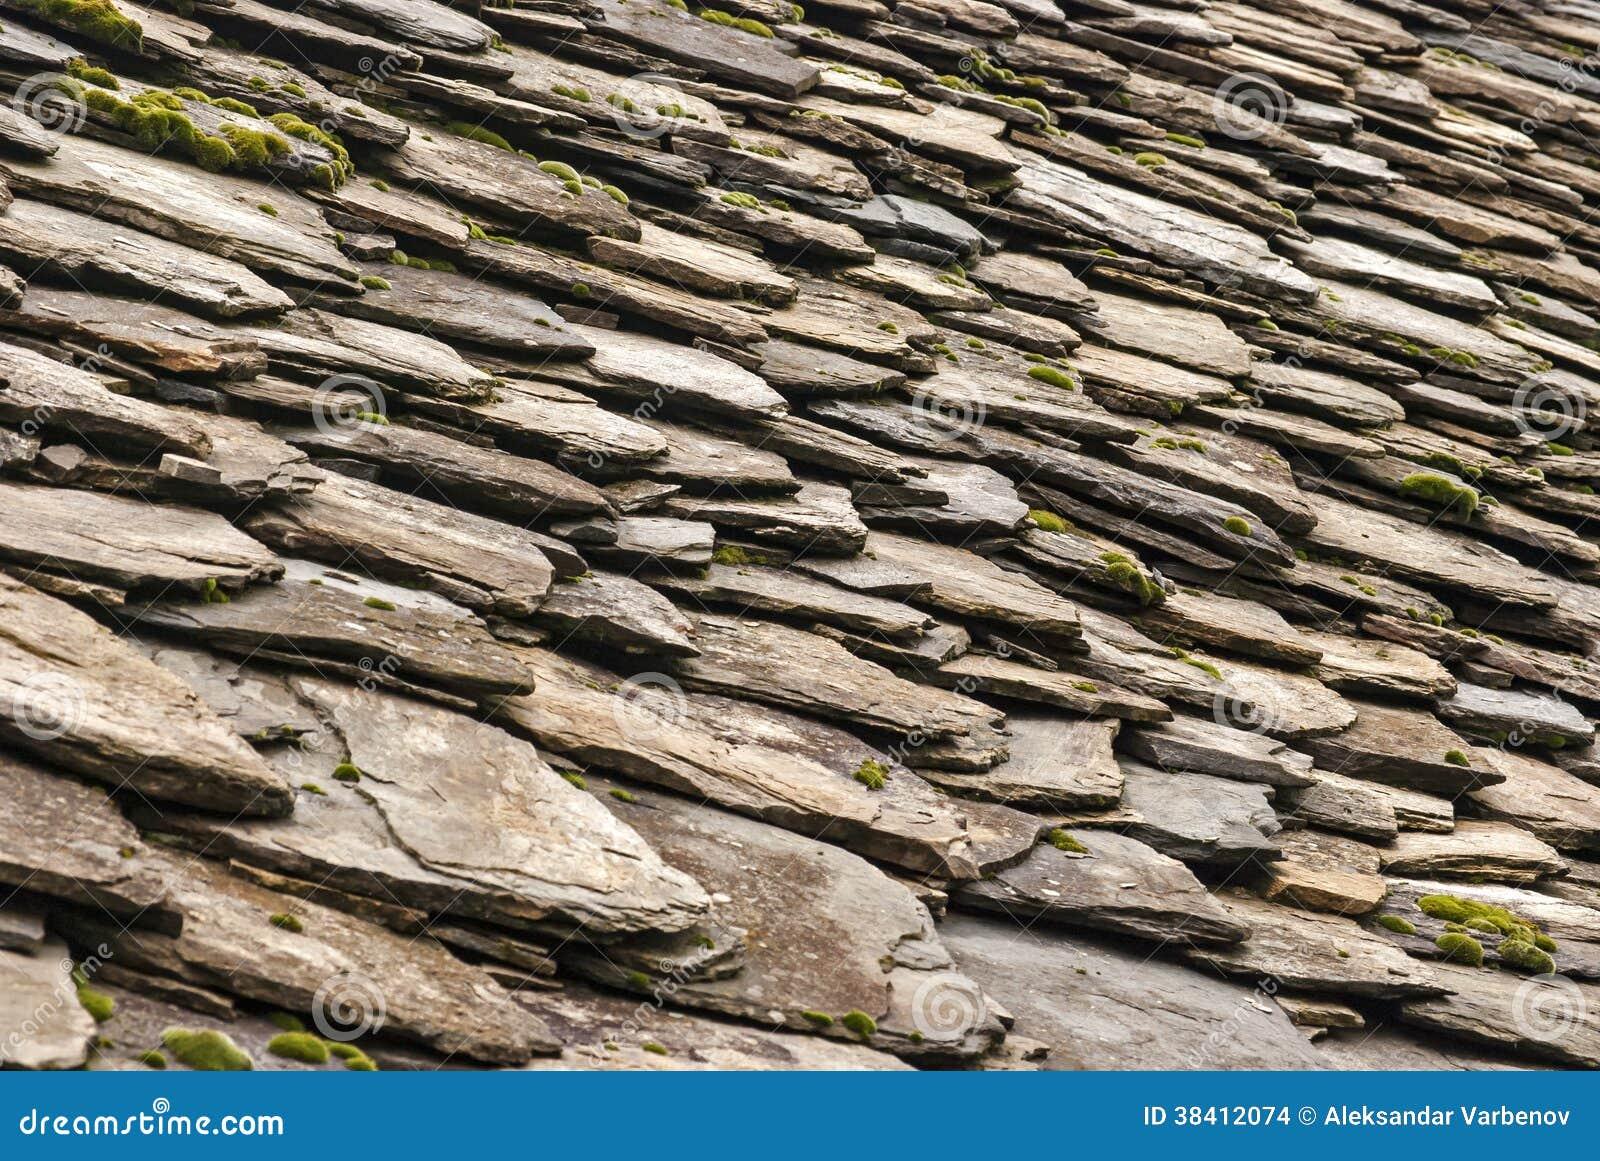 Tuiles en pierre de maison d 39 ardoise toit images stock image 38412074 for Pierre d ardoise